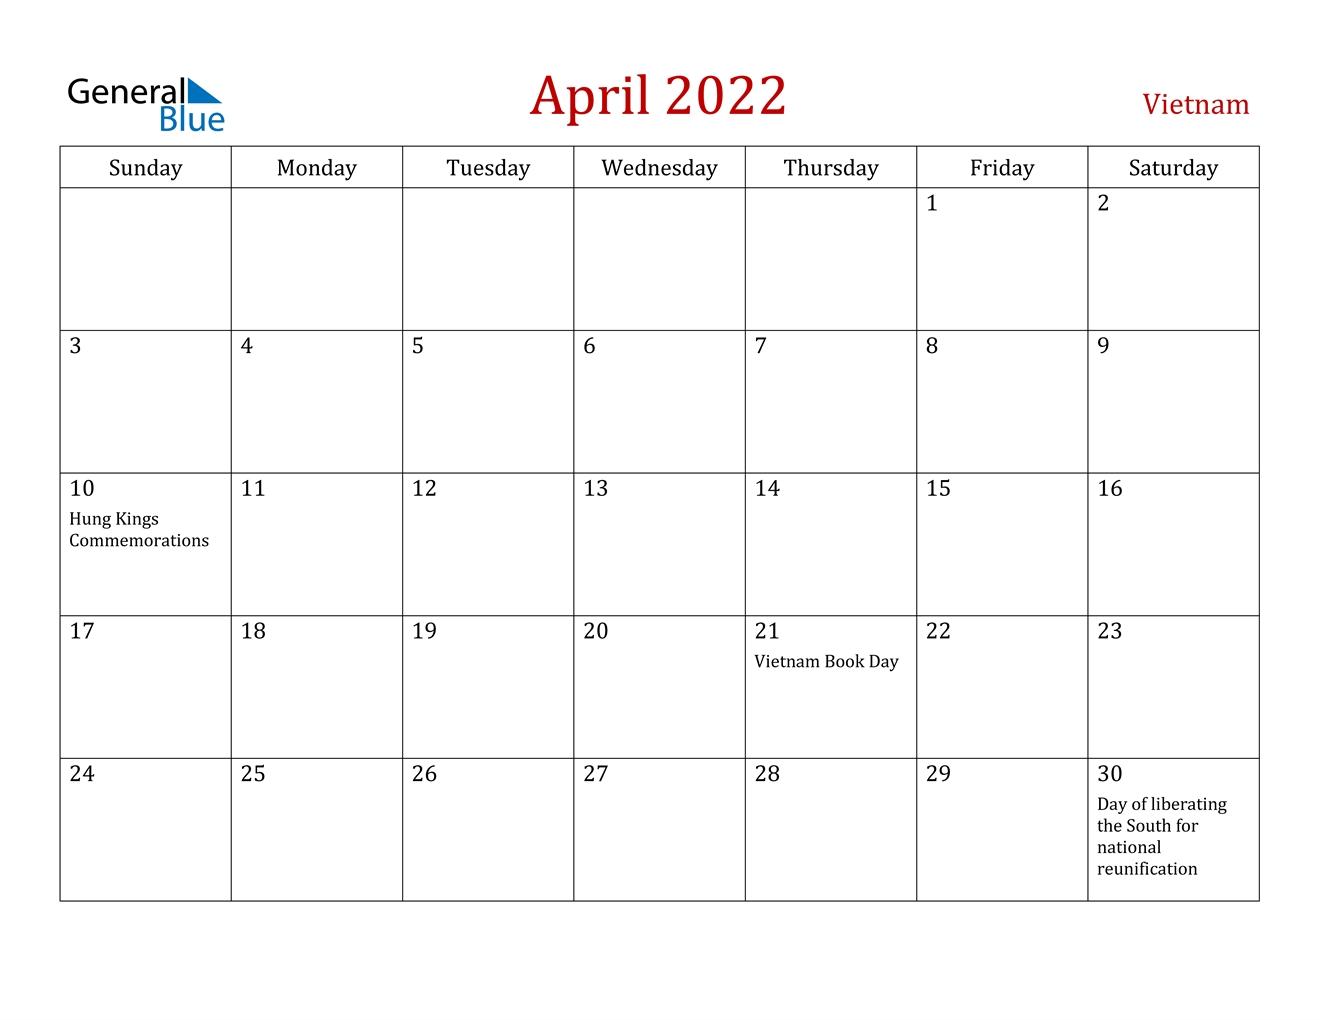 April 2022 Calendar - Vietnam